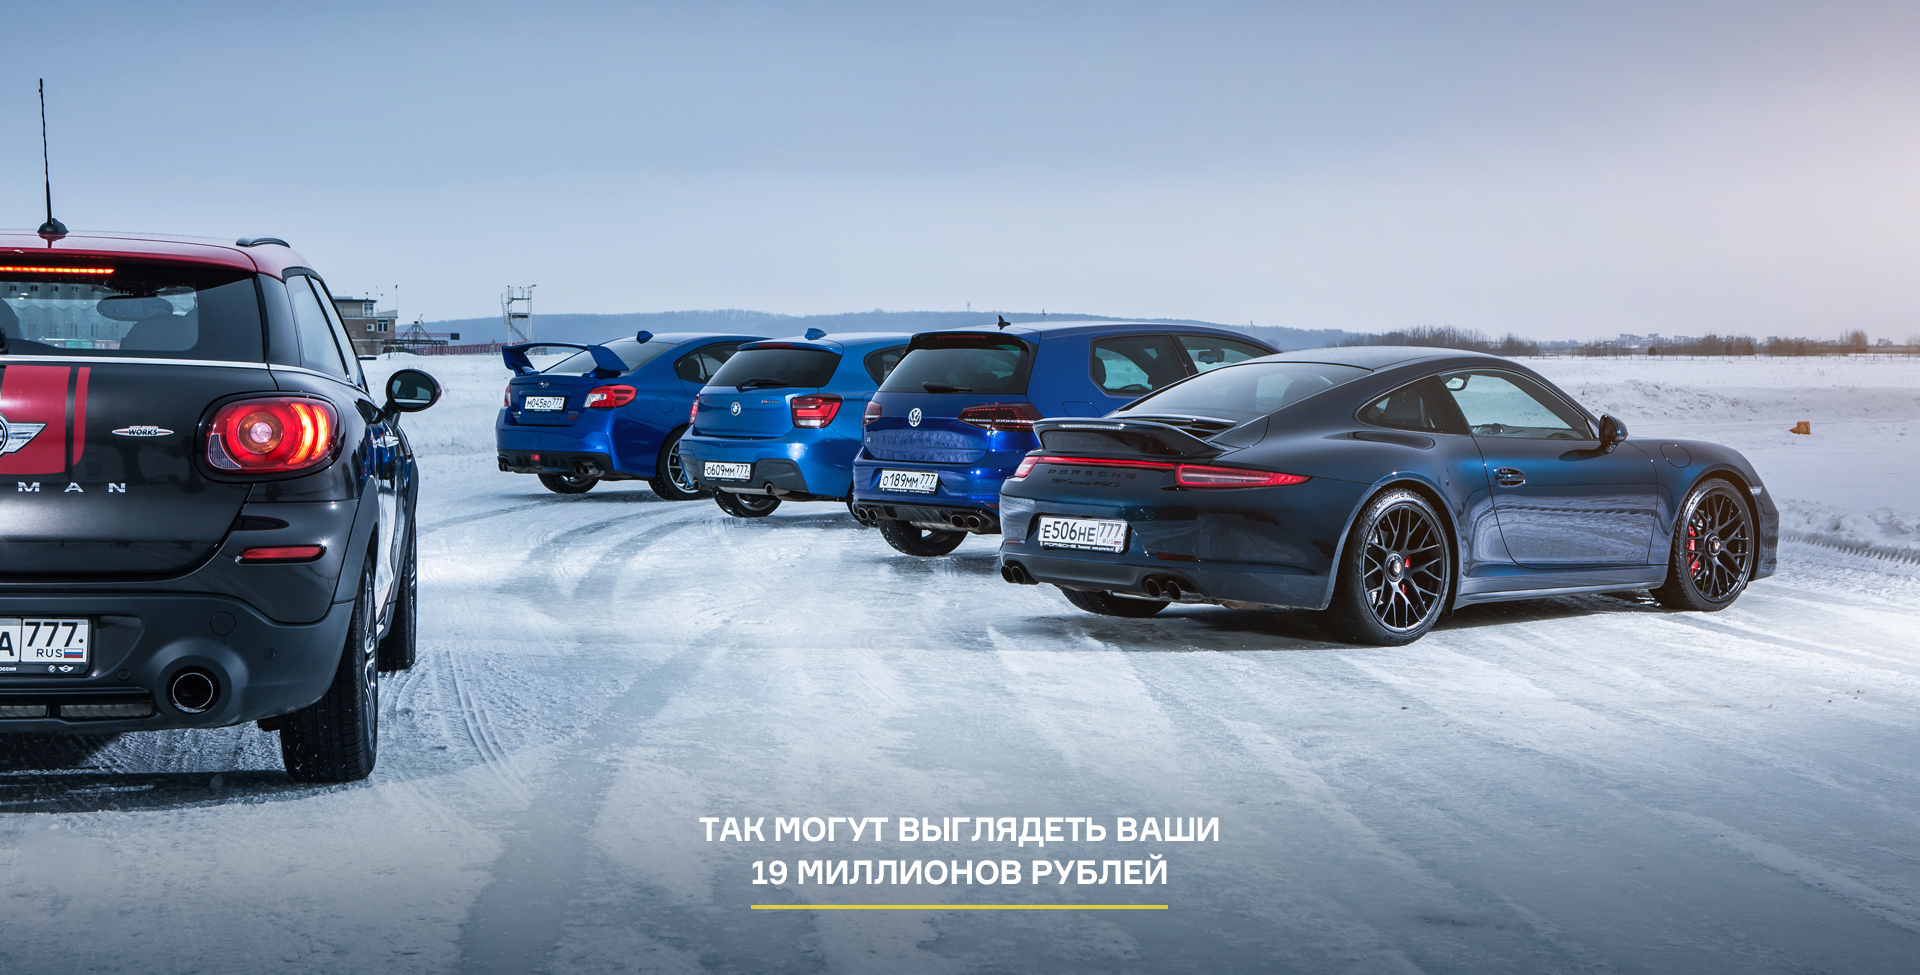 Лучшие полноприводные спорткары на льду гоночной трассы. Фото 17